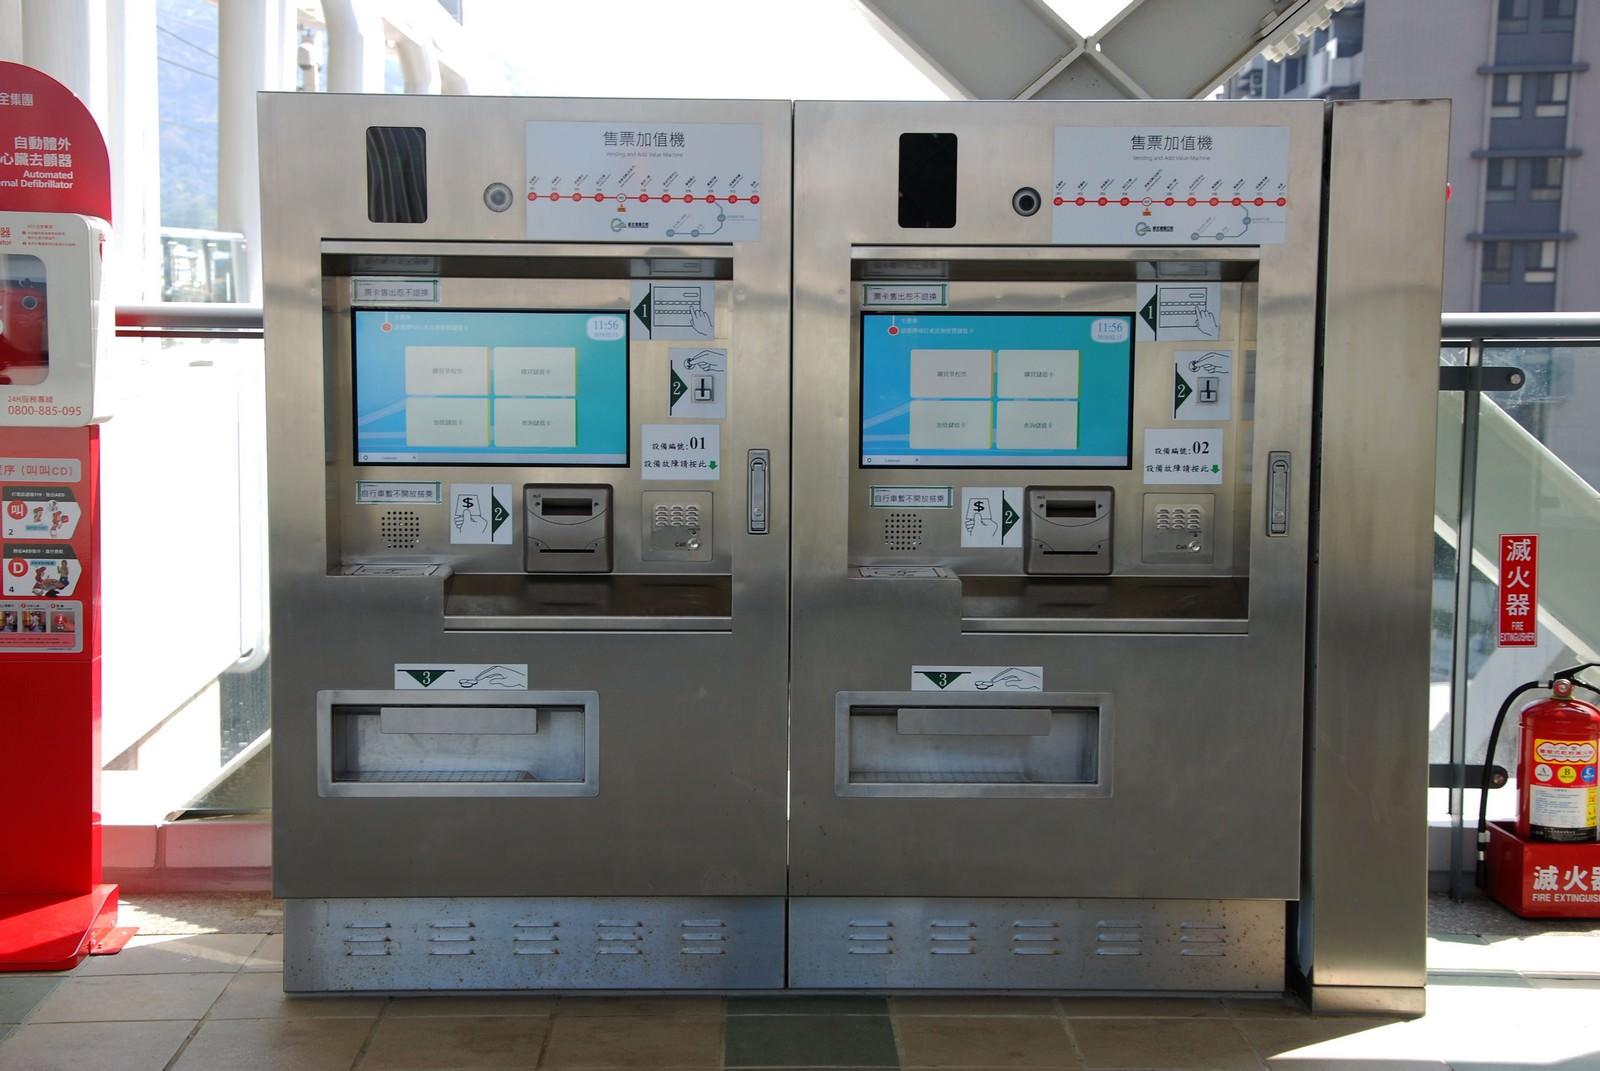 淡海輕軌綠山線, 輕軌淡金北新站(北投子), 售票加值機